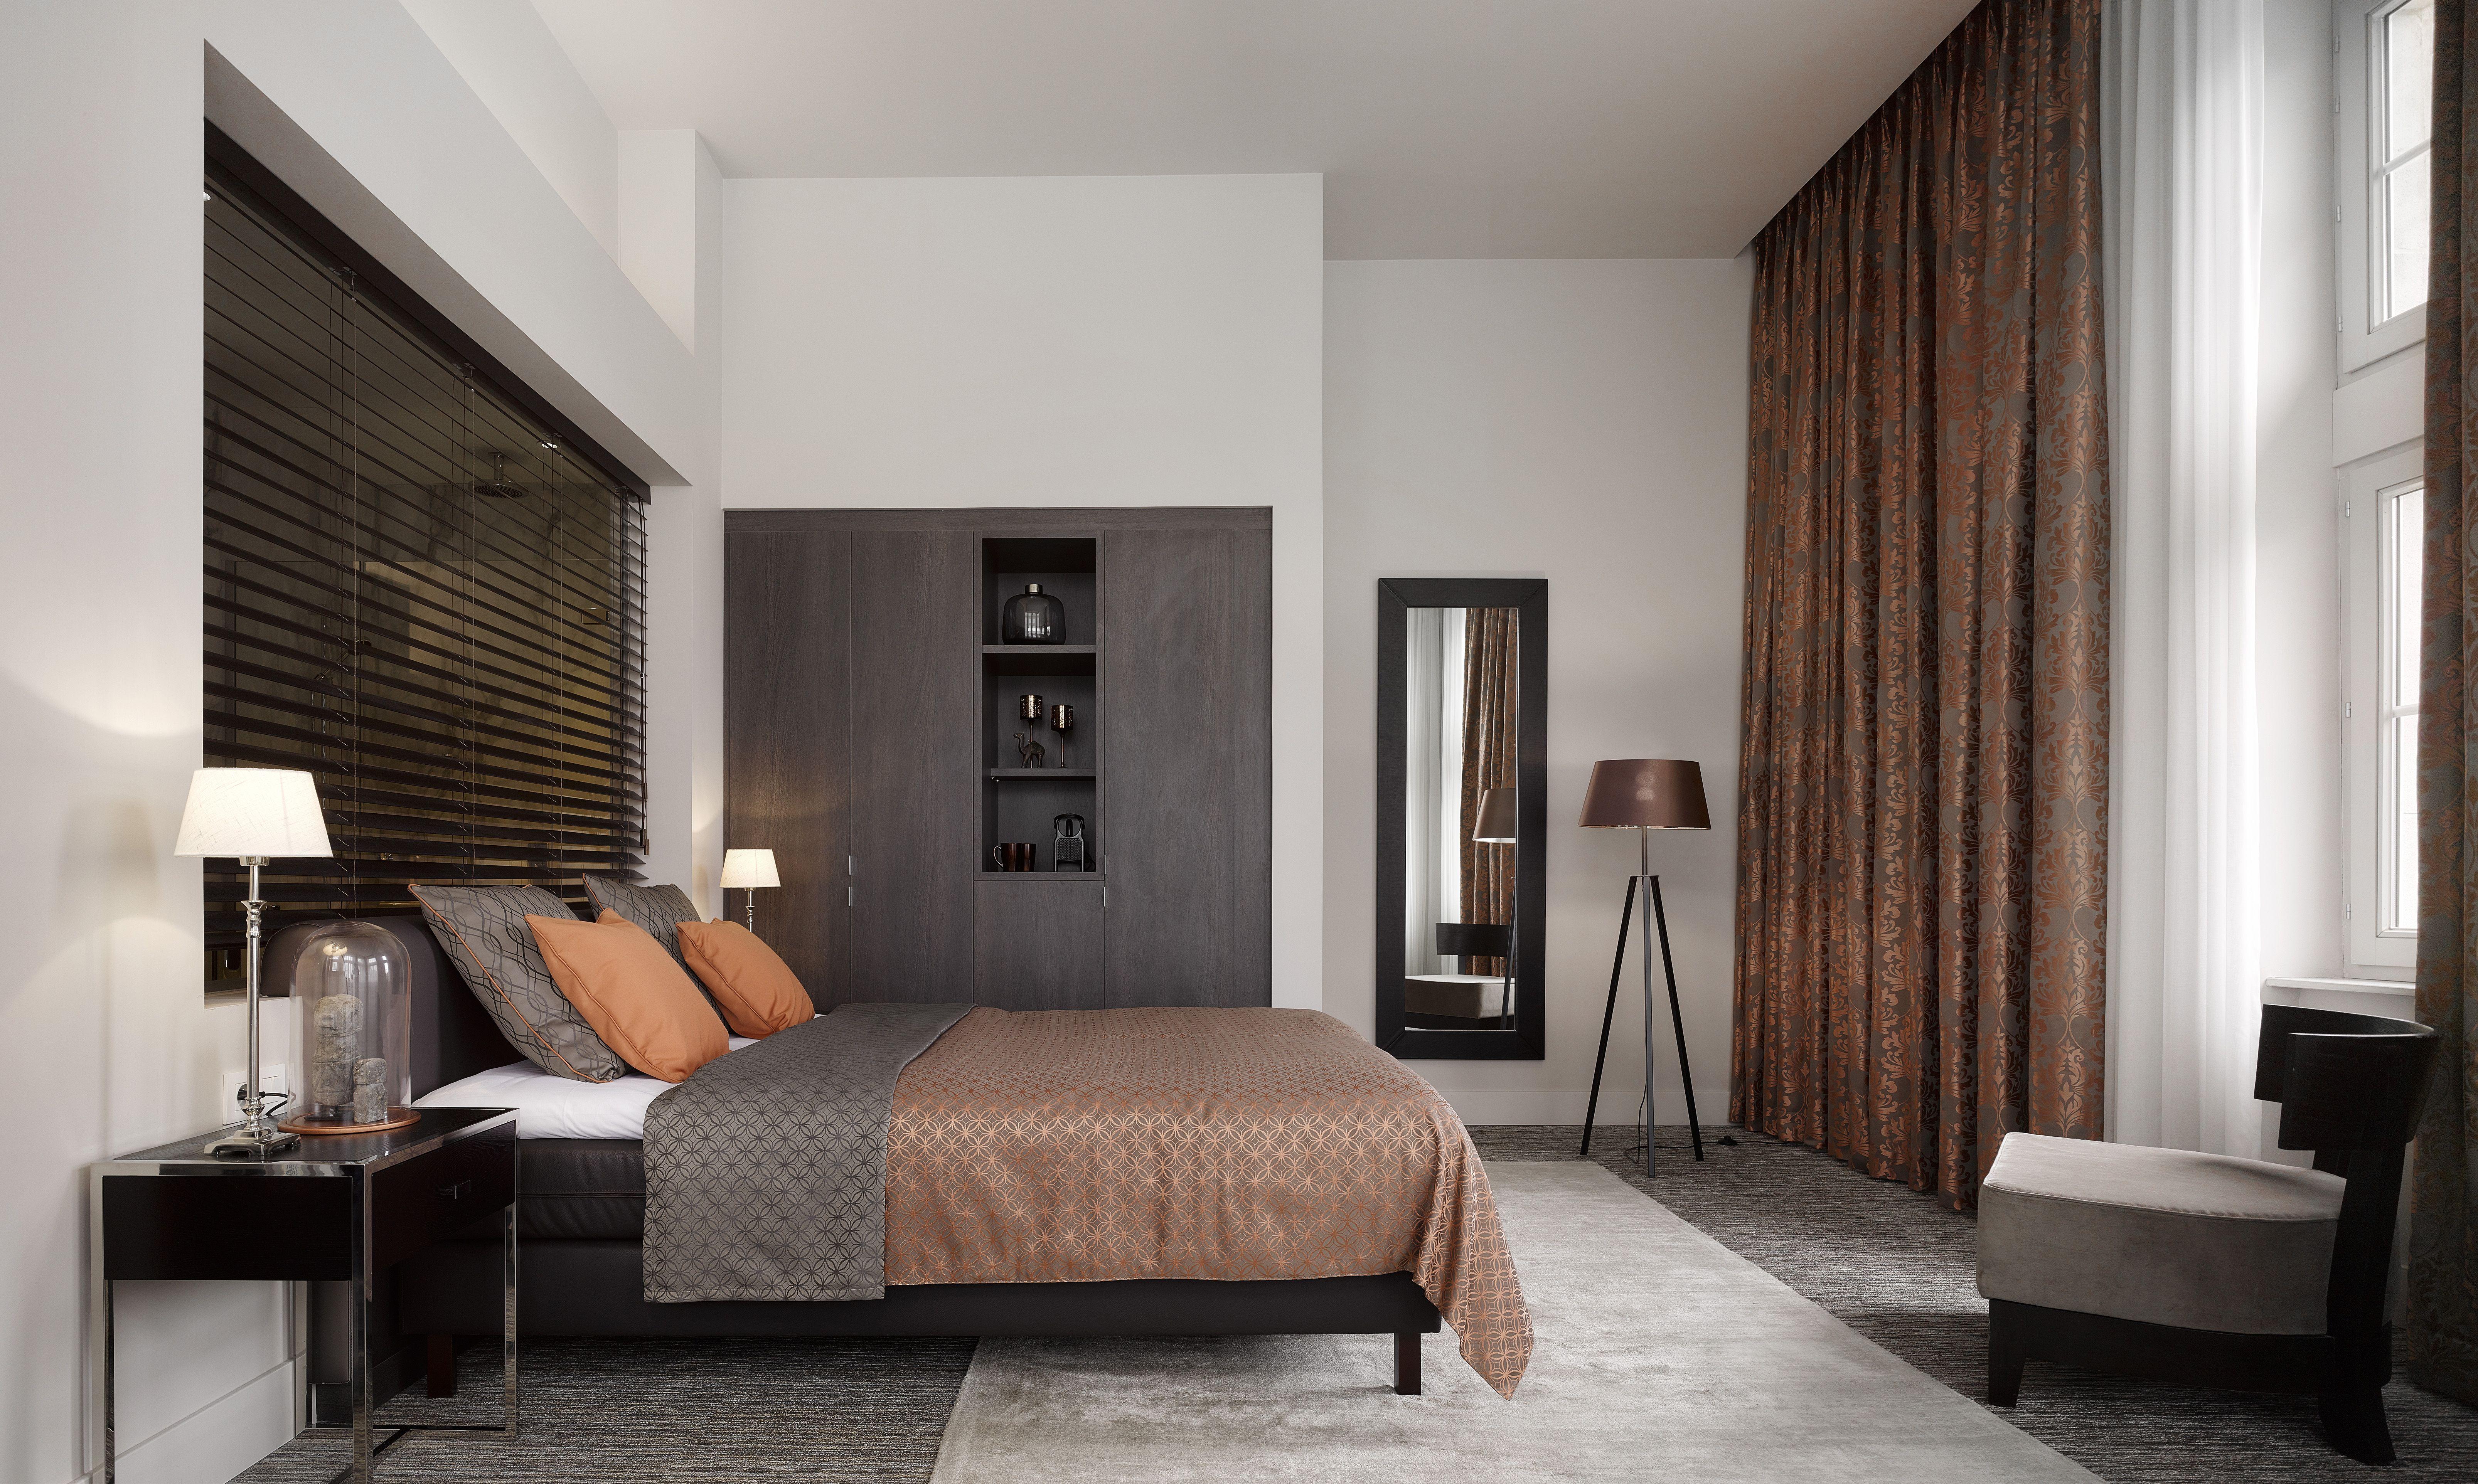 Flameretardant #meubelstoffen #interieur #decoratie #wooninrichting